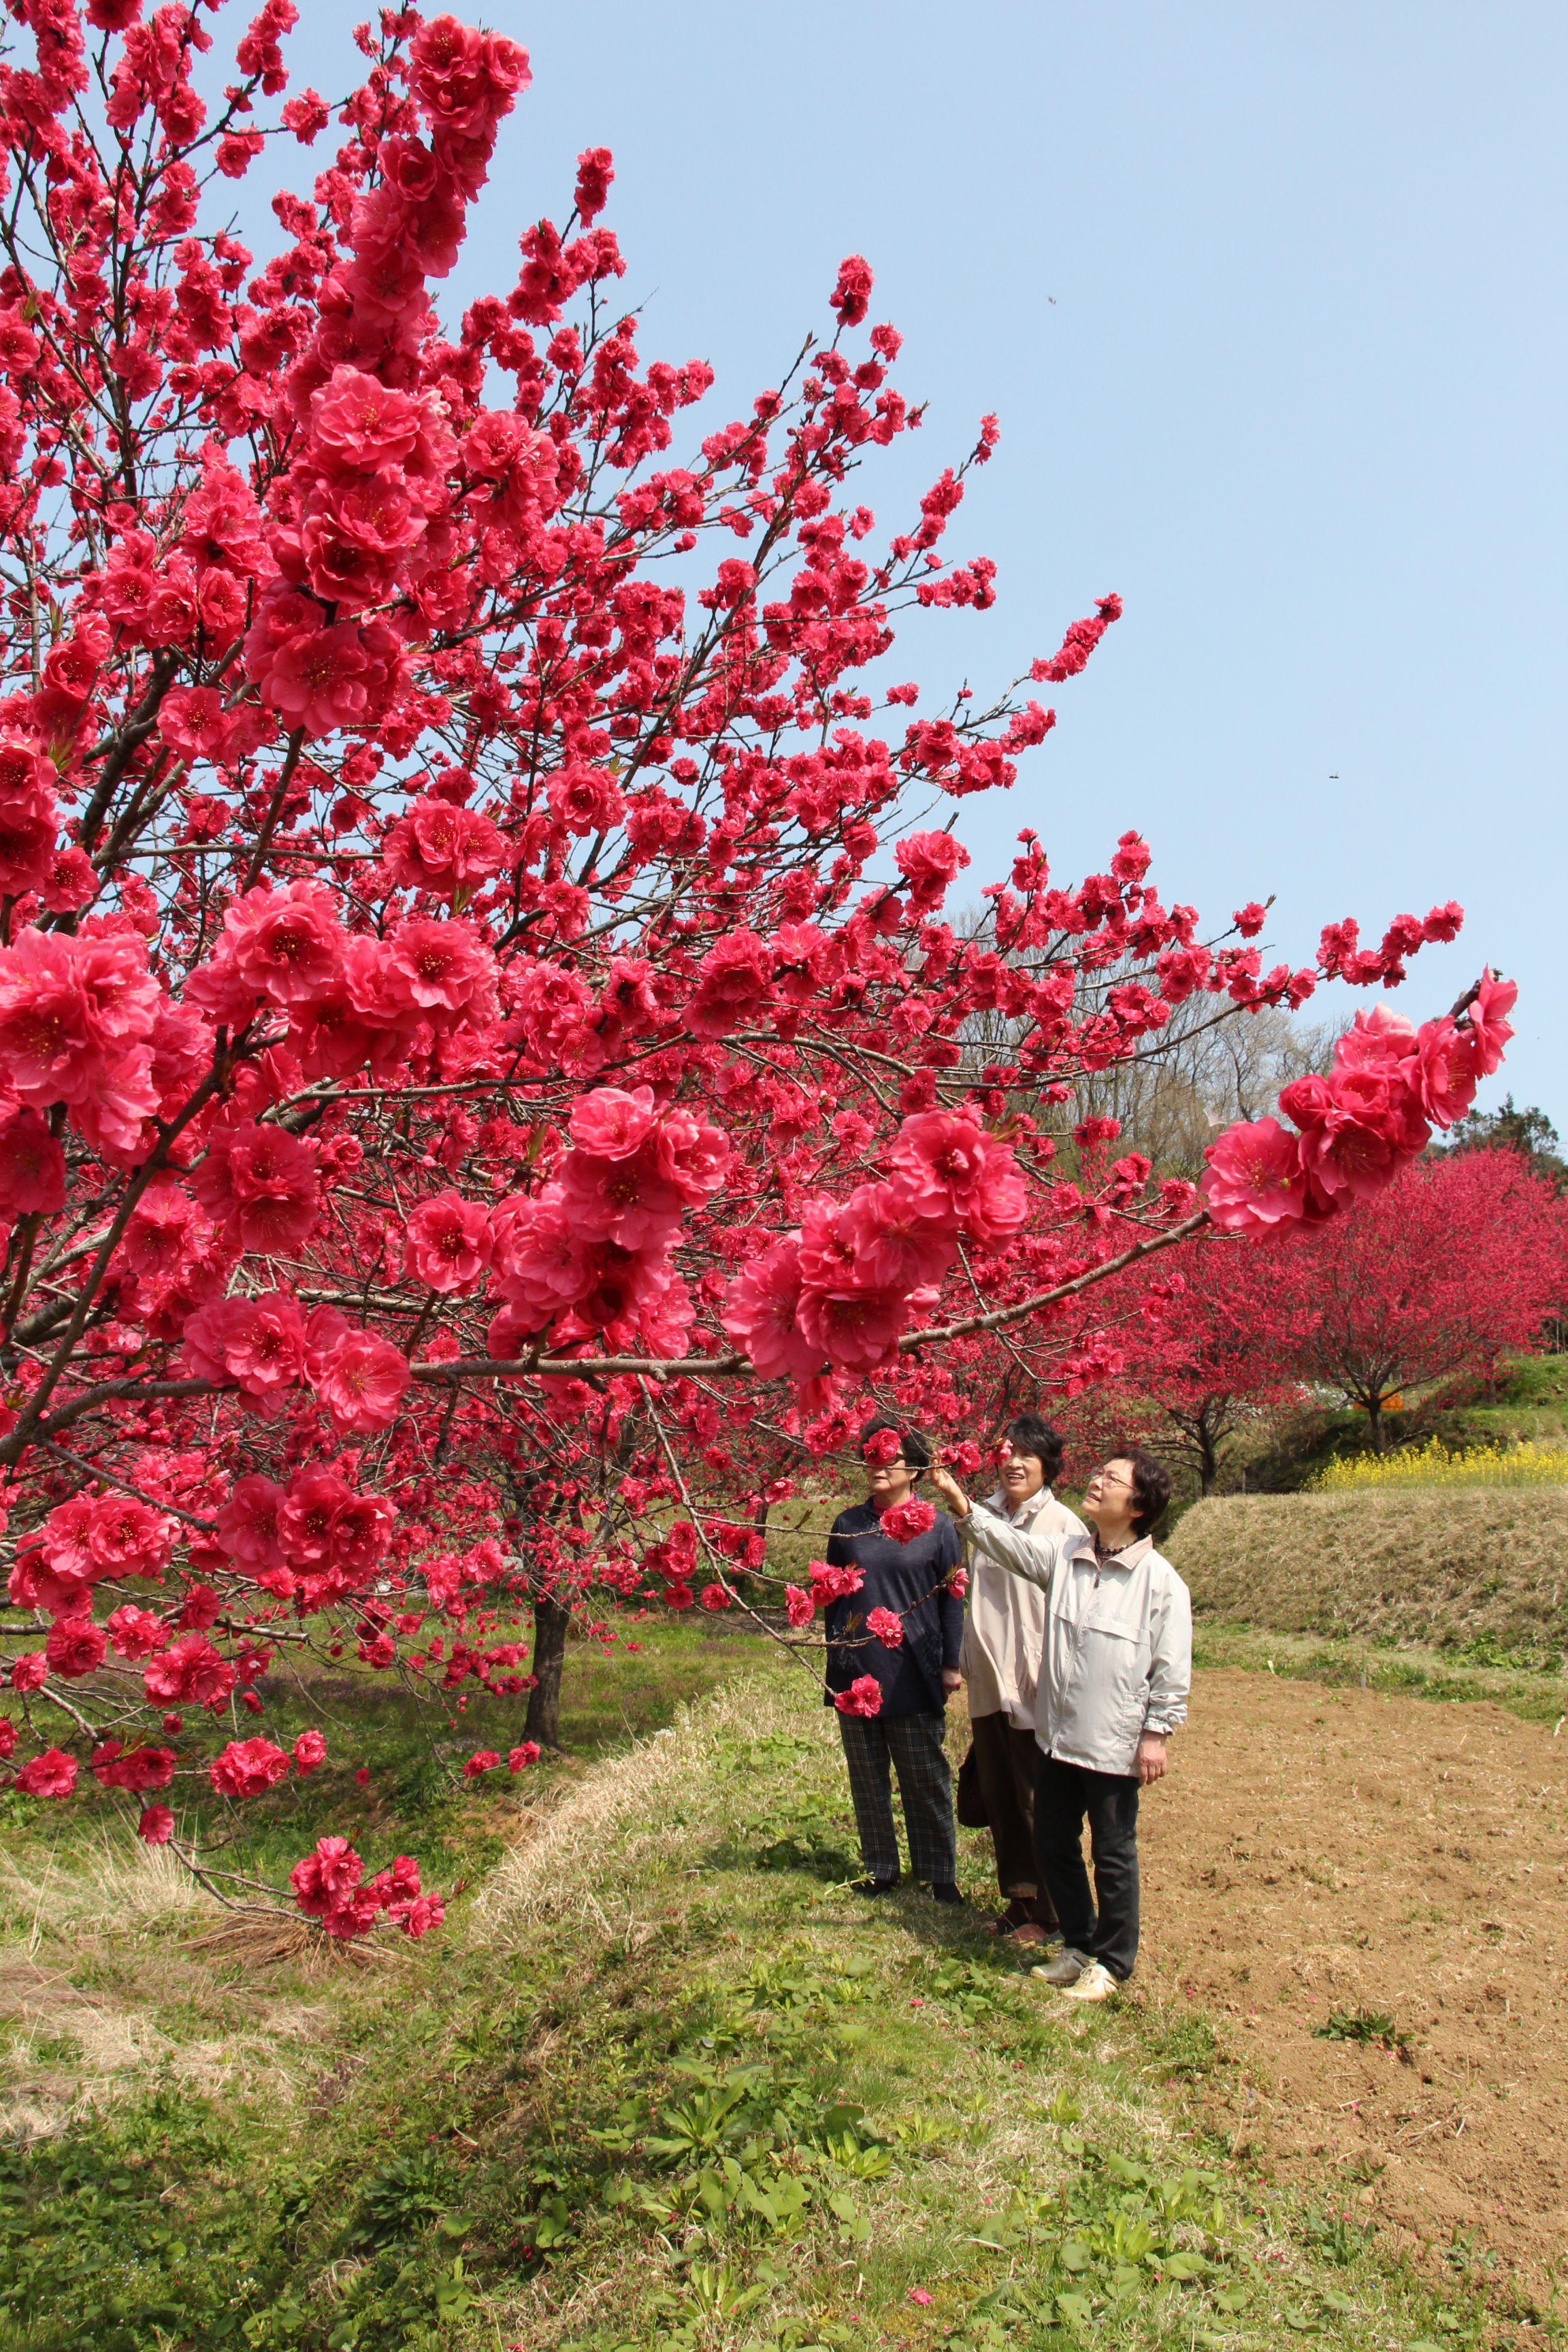 見ごろを迎えたハナモモ。鮮やかな赤色の花を咲かせている=16日、柏崎市谷根